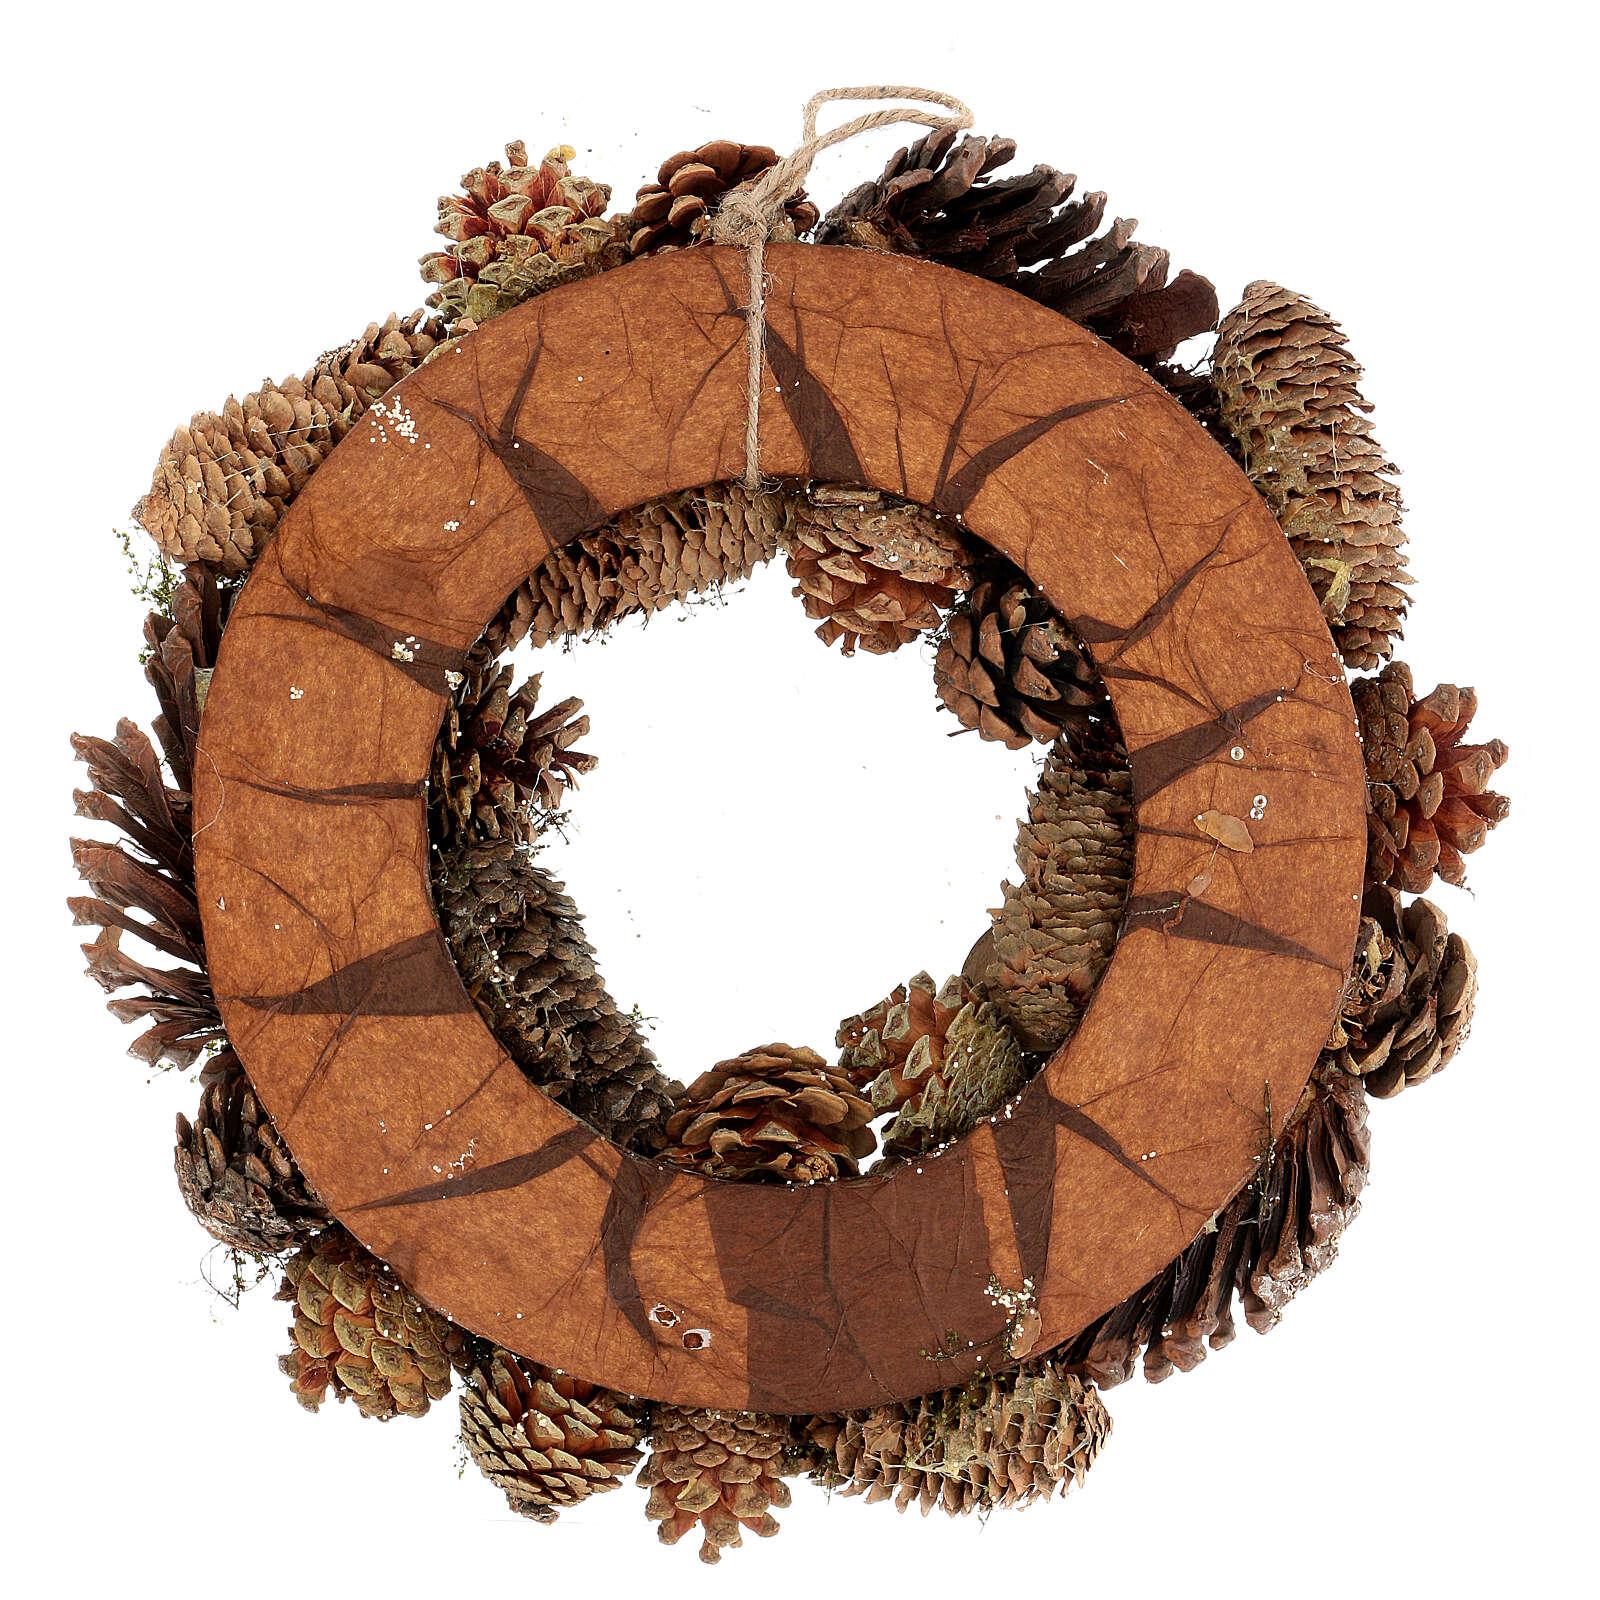 Korona adwentowa z szyszkami jagodami gwiazdami brokatem 36 cm 3